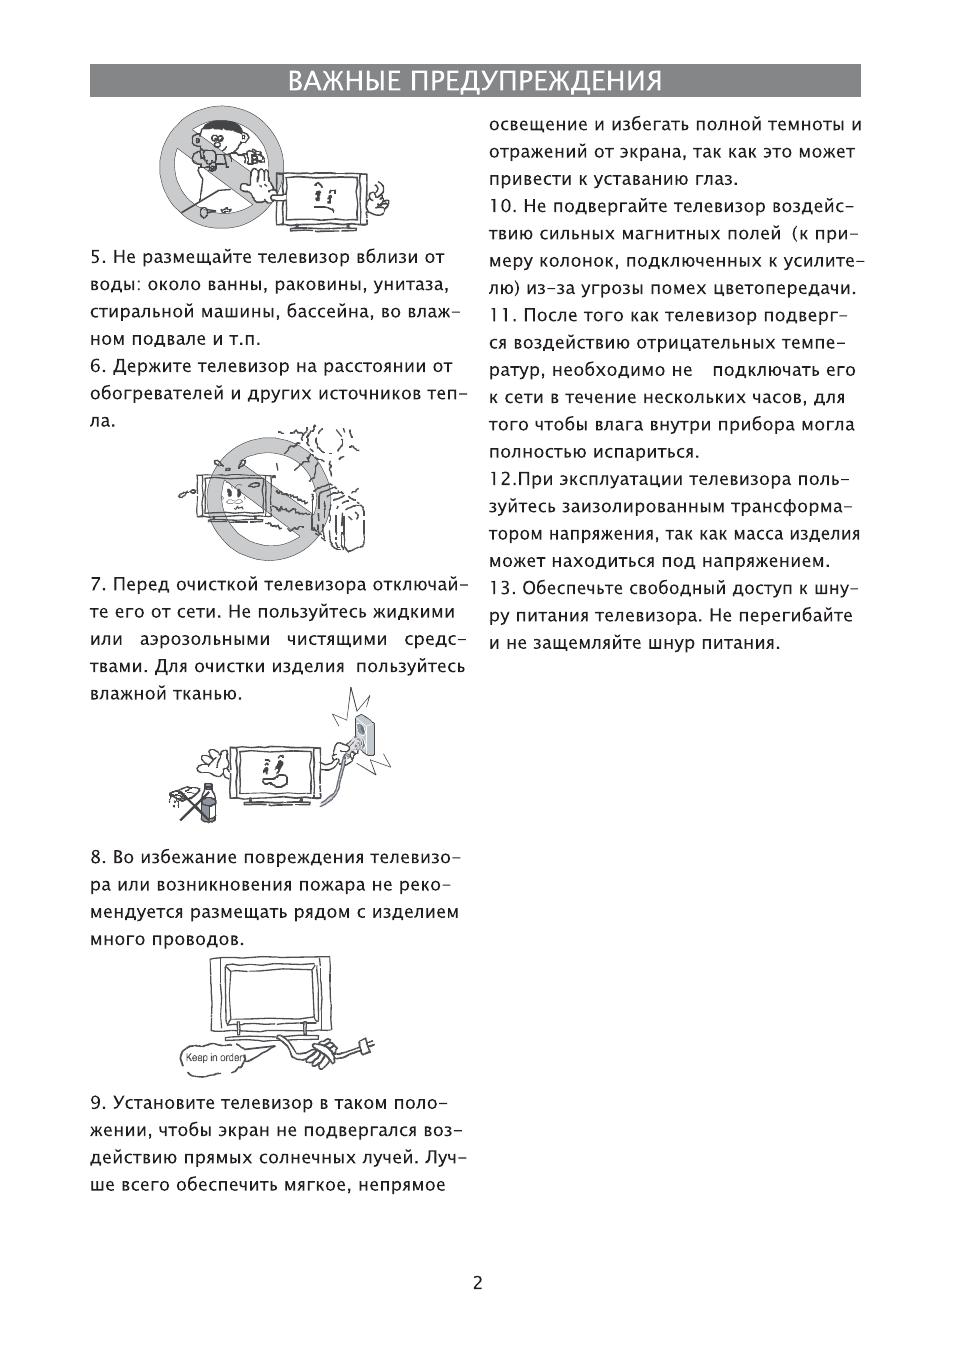 Инструкцию По Эксплуатации К Телевизору Elenberg